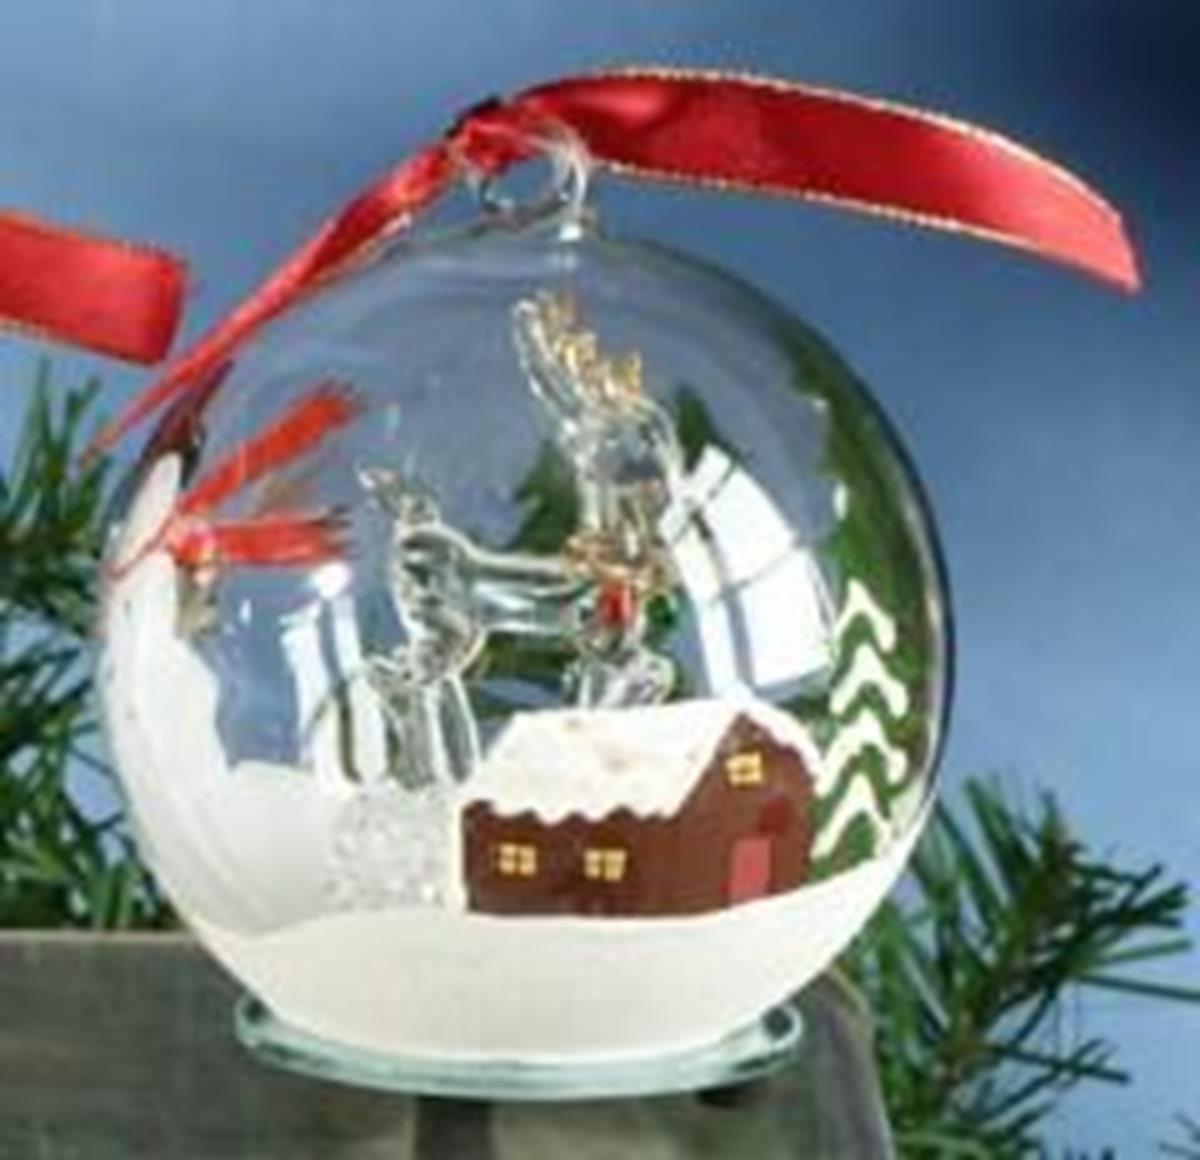 StealStreet SS-UG-HD-0368 Christmas Light Up Glass Ornament Ball - Reindeer